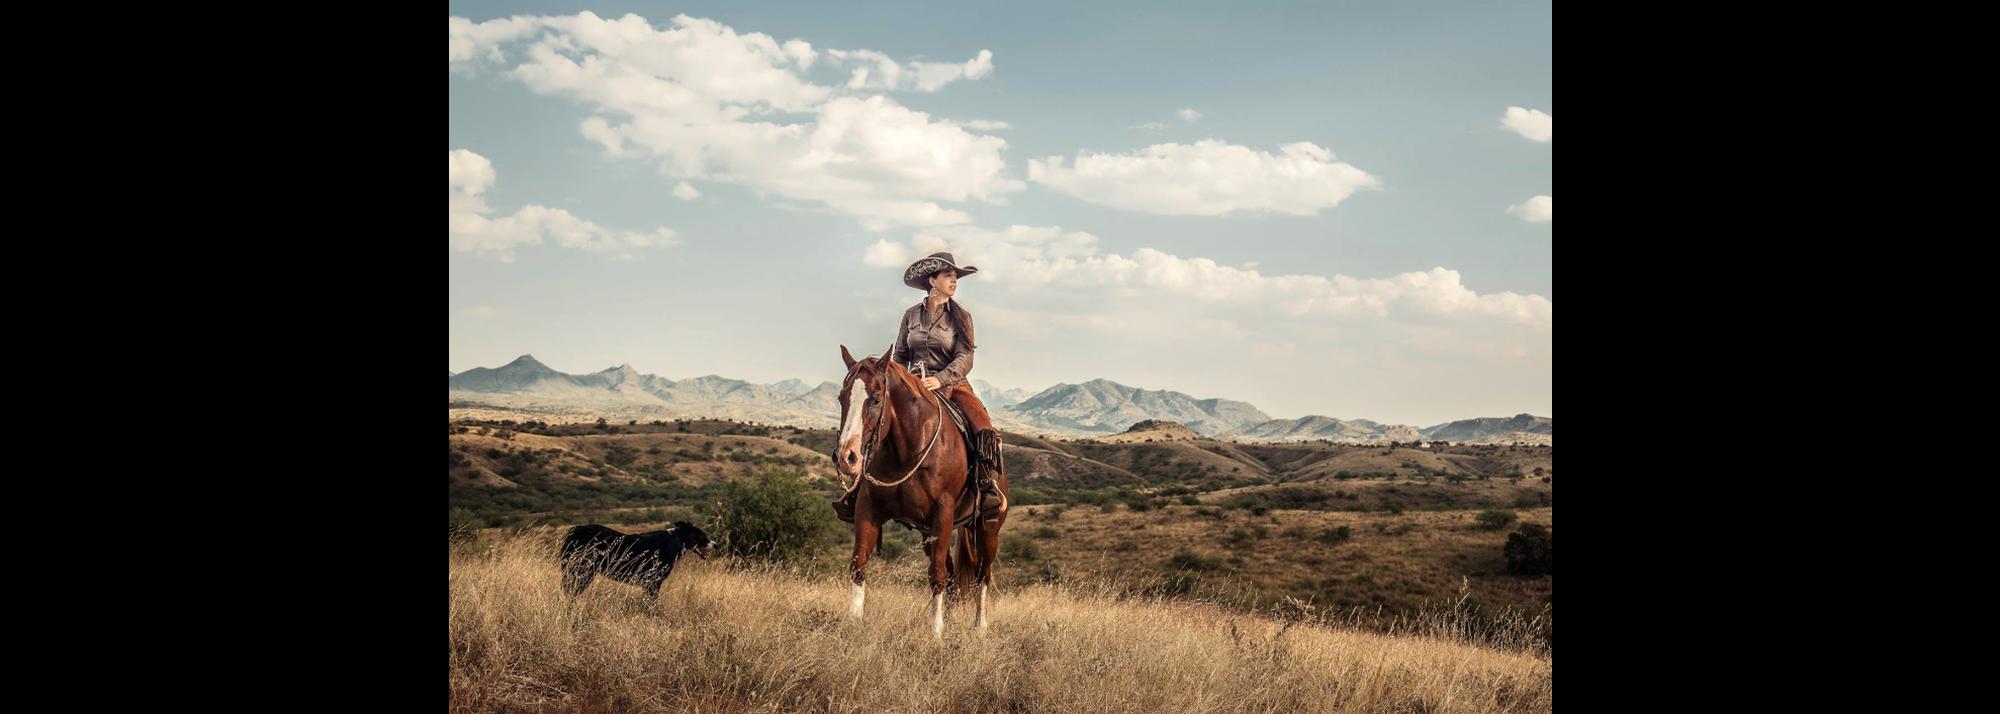 ambassador on horse with dog